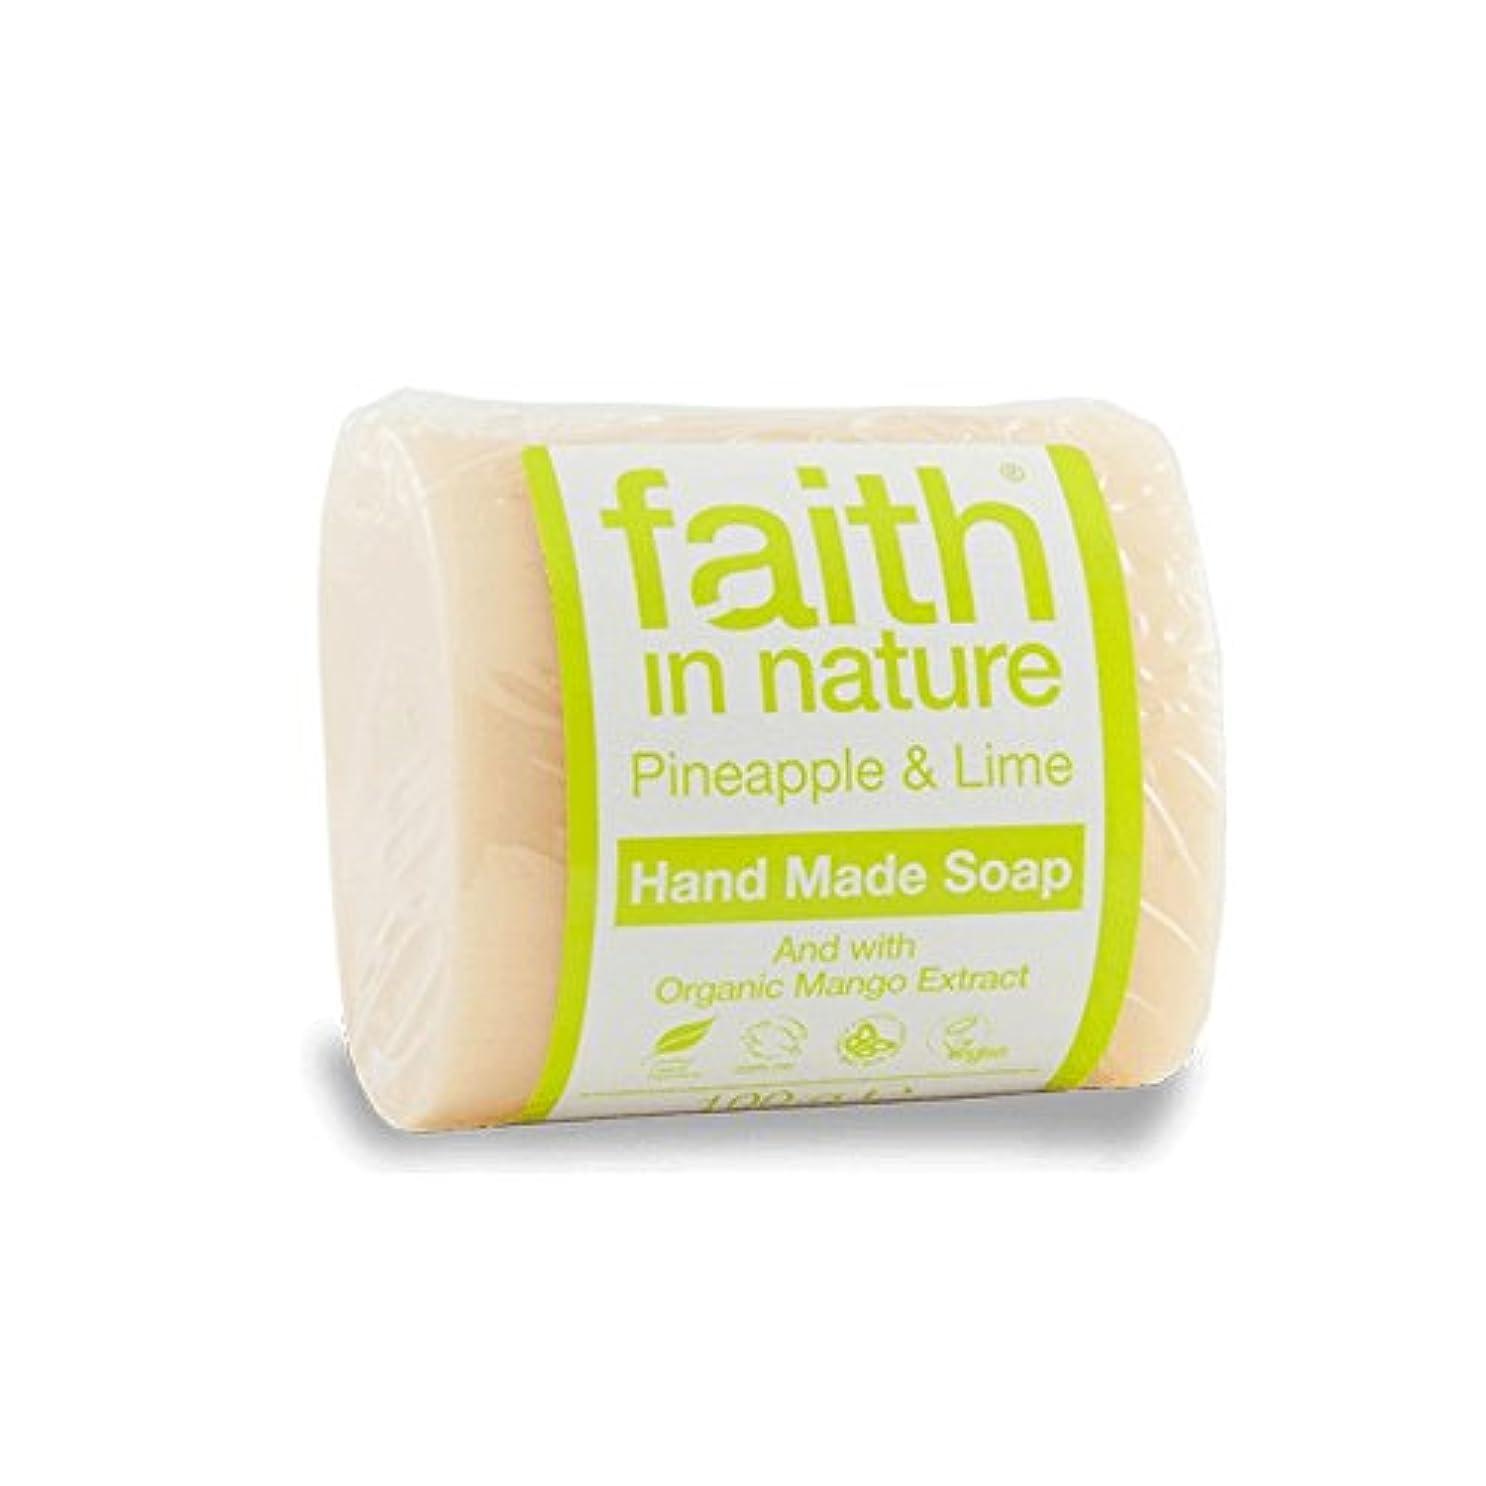 デコレーション要旨機転Faith in Nature Pineapple & Lime Soap 100g (Pack of 6) - 自然パイナップル&ライムソープ100グラムの信仰 (x6) [並行輸入品]